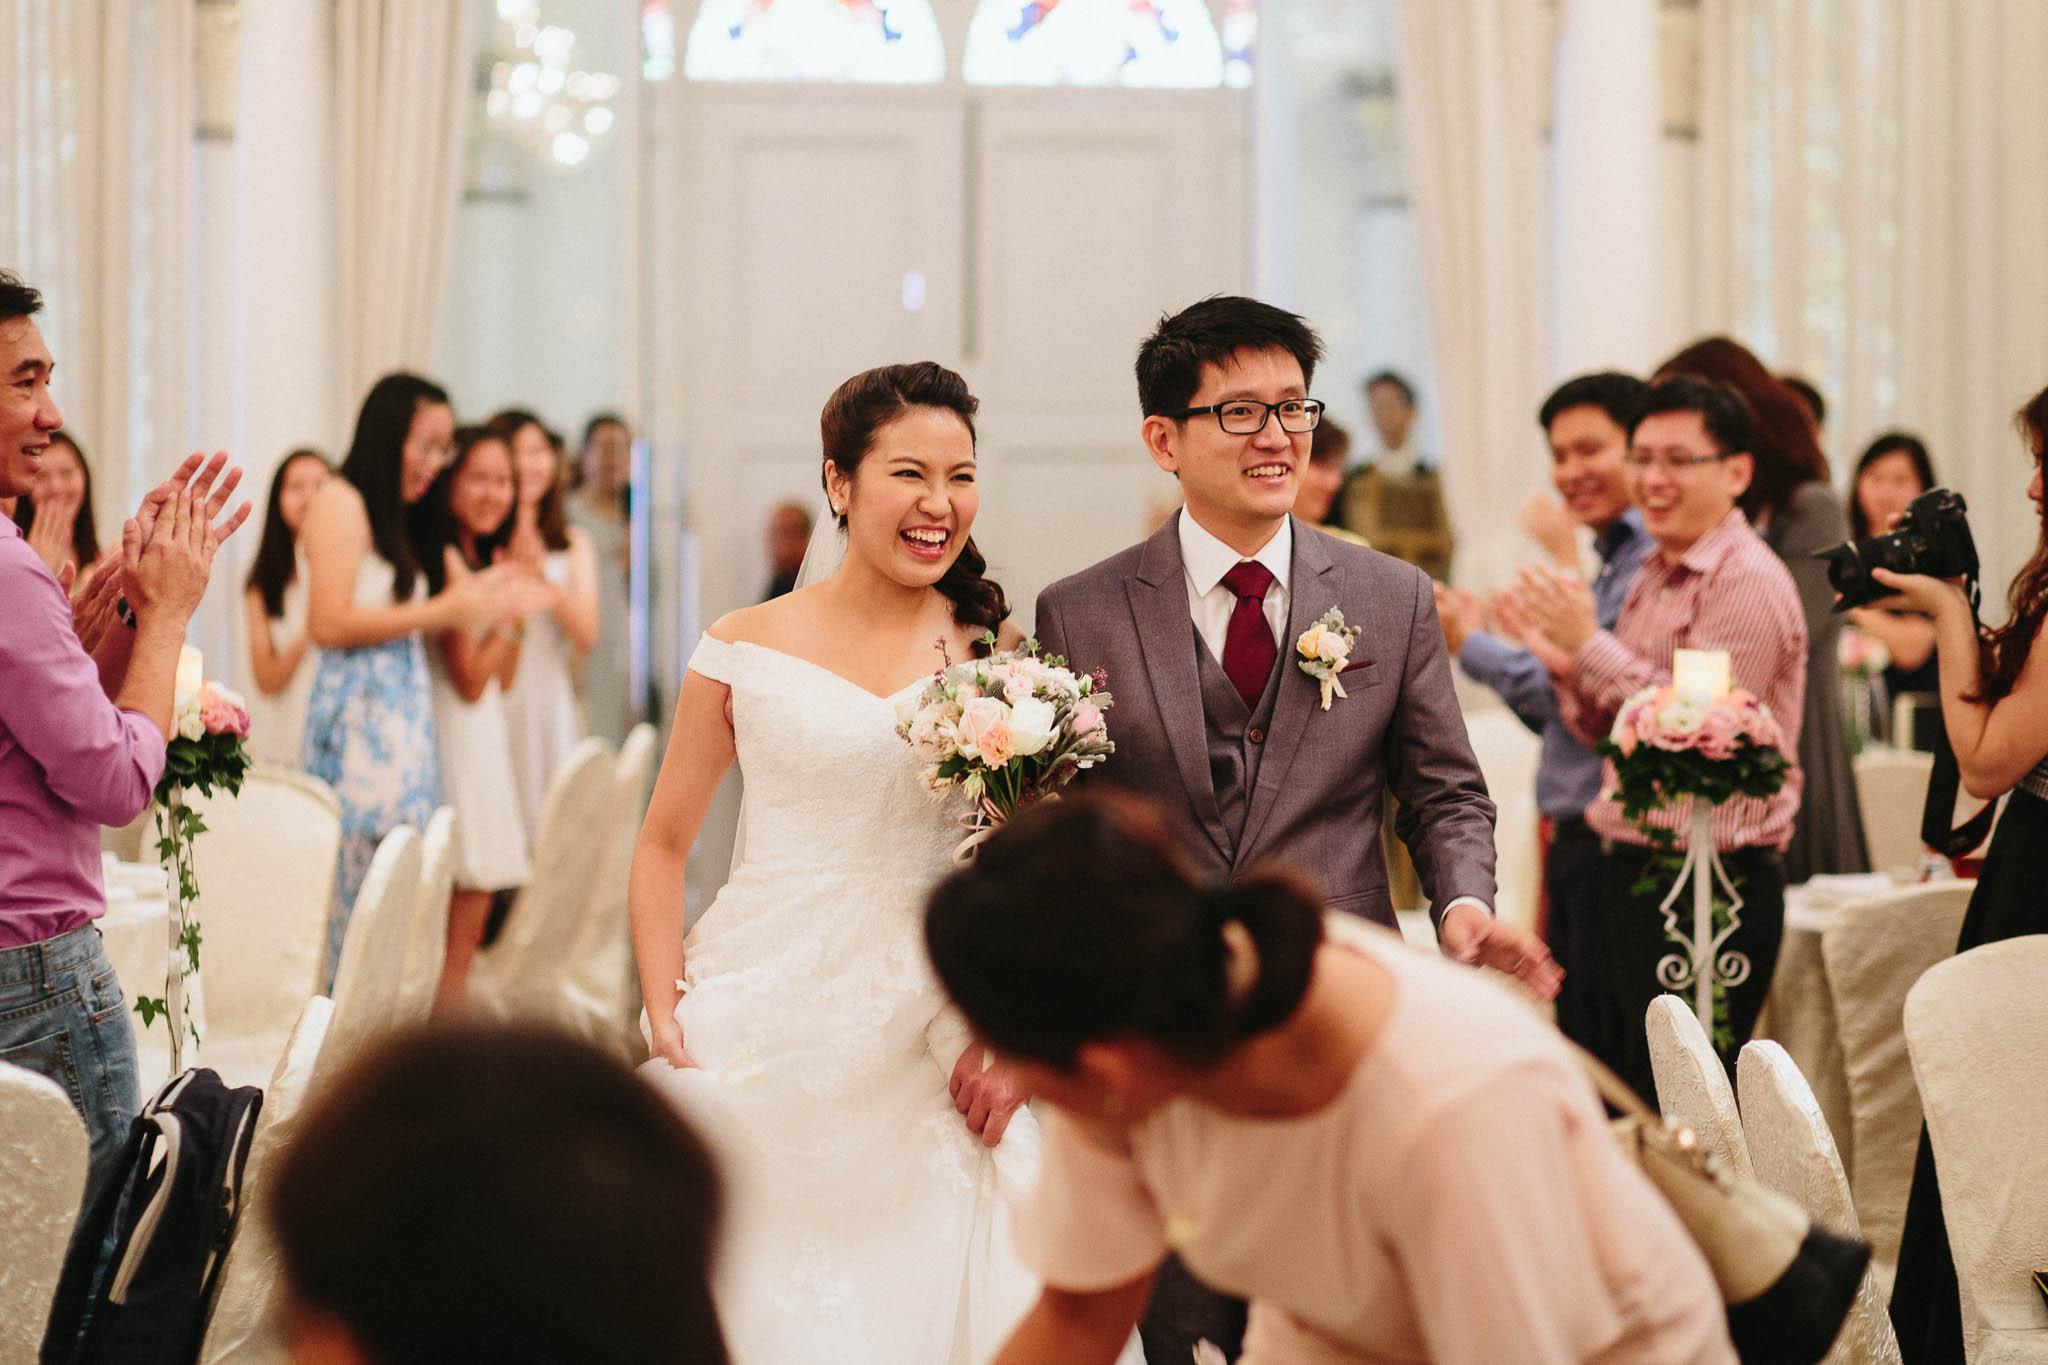 singapore-wedding-photographer-zhongwei-shihui-050.jpg